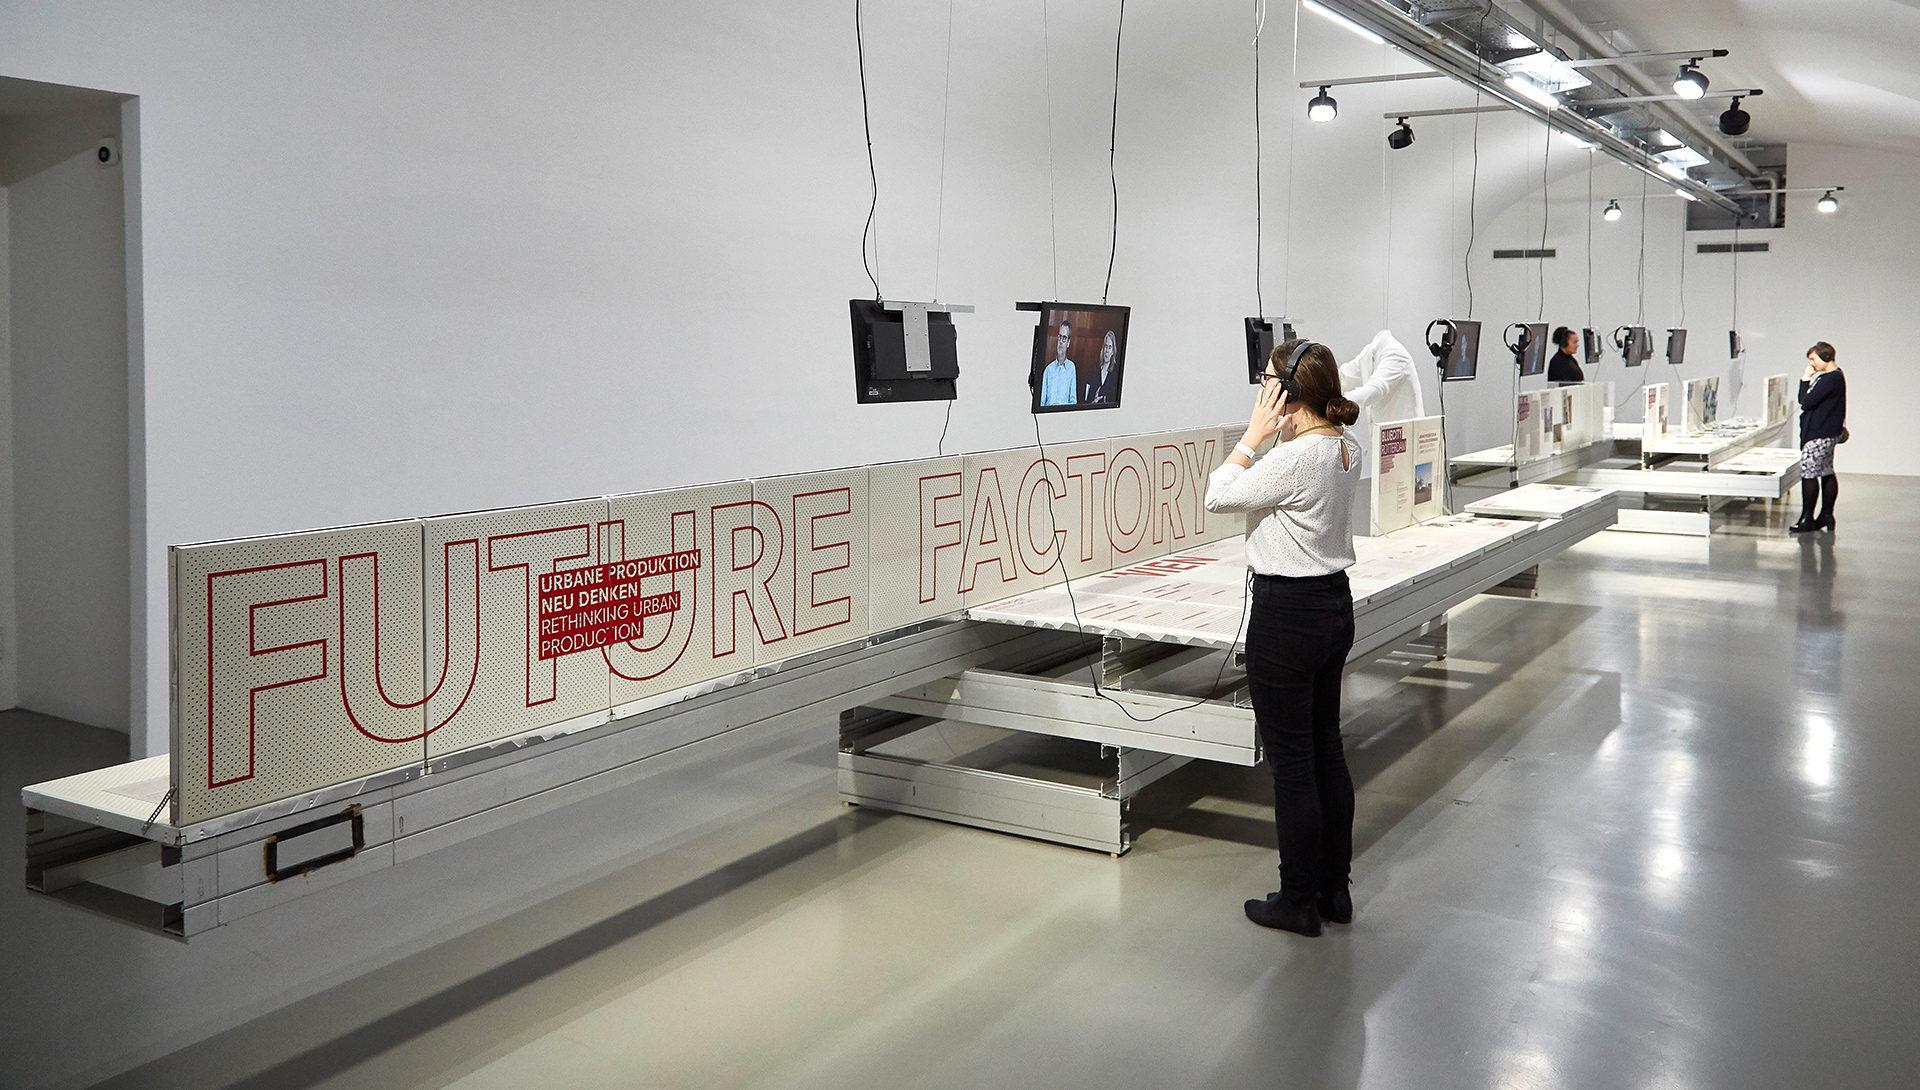 Ansicht des Ausstellungsraums der Future Factory mit Display für Projektbeispiele, Fernsehern für Interviews und Besucherinnen